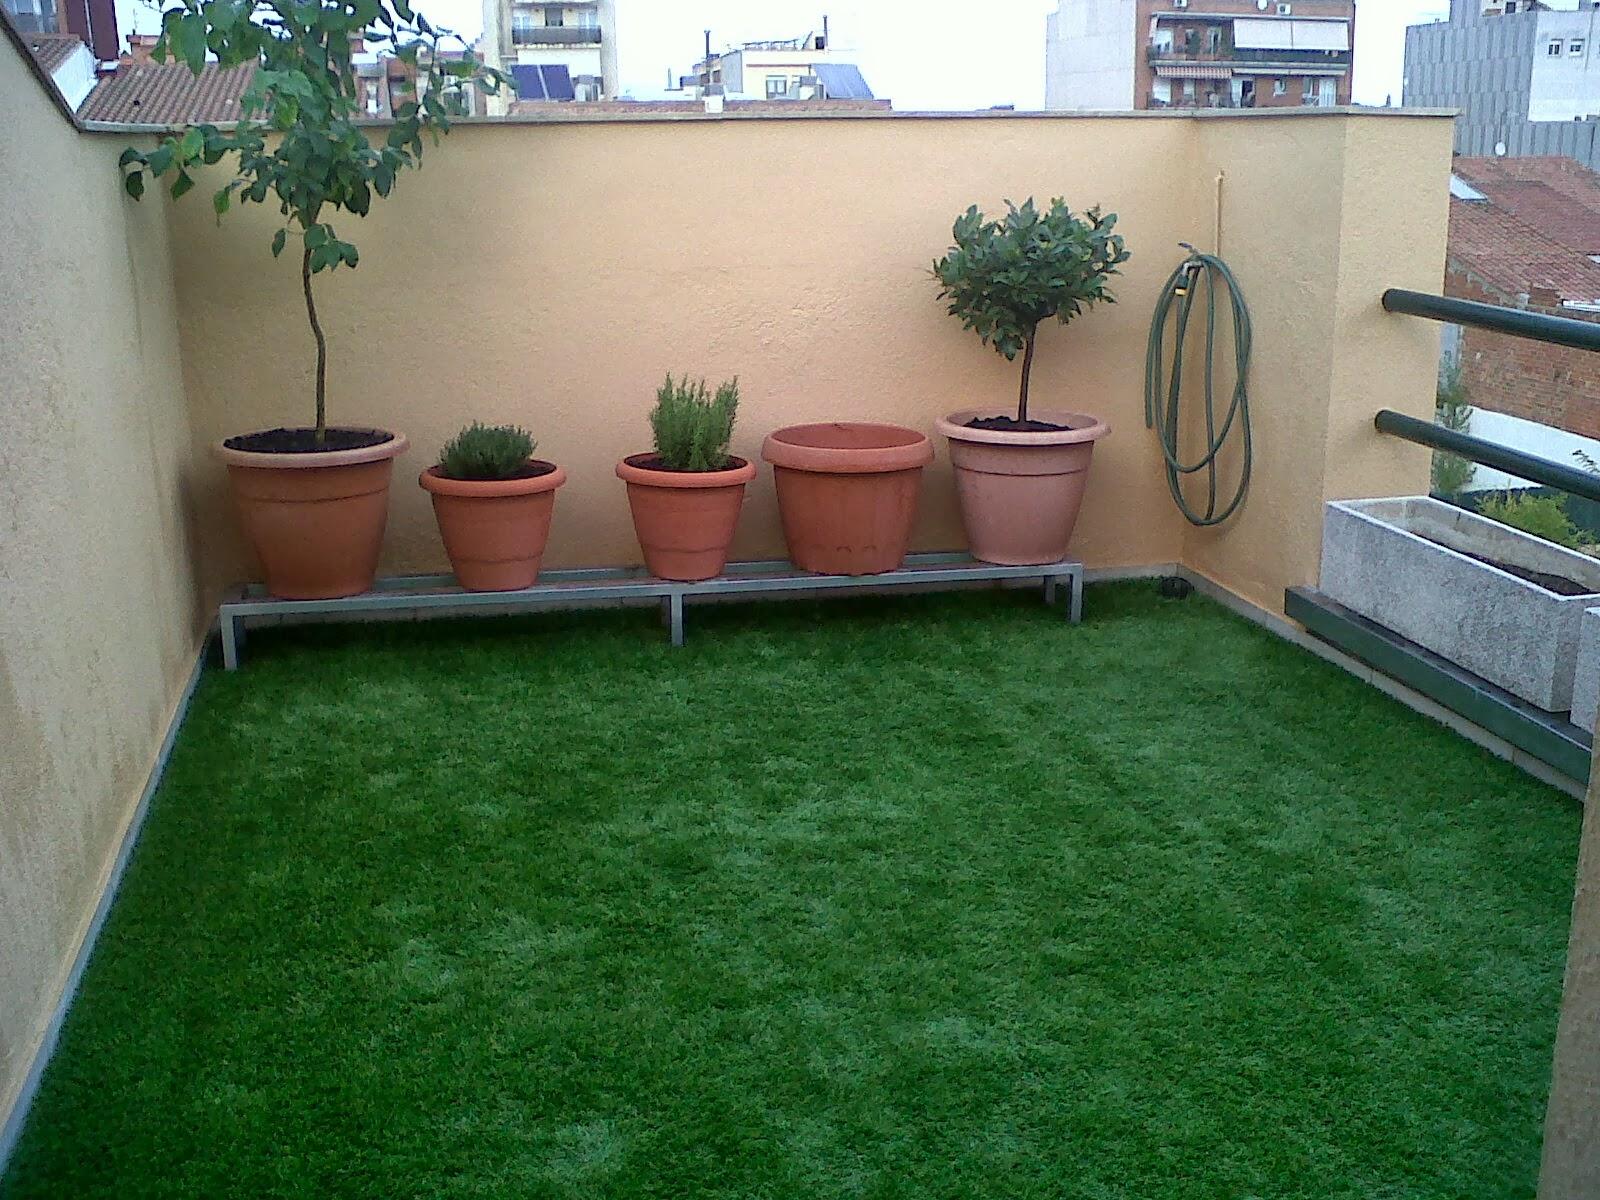 El c sped artificial sin arena en terrazas cespedvallirana - Cesped artificial para terrazas ...